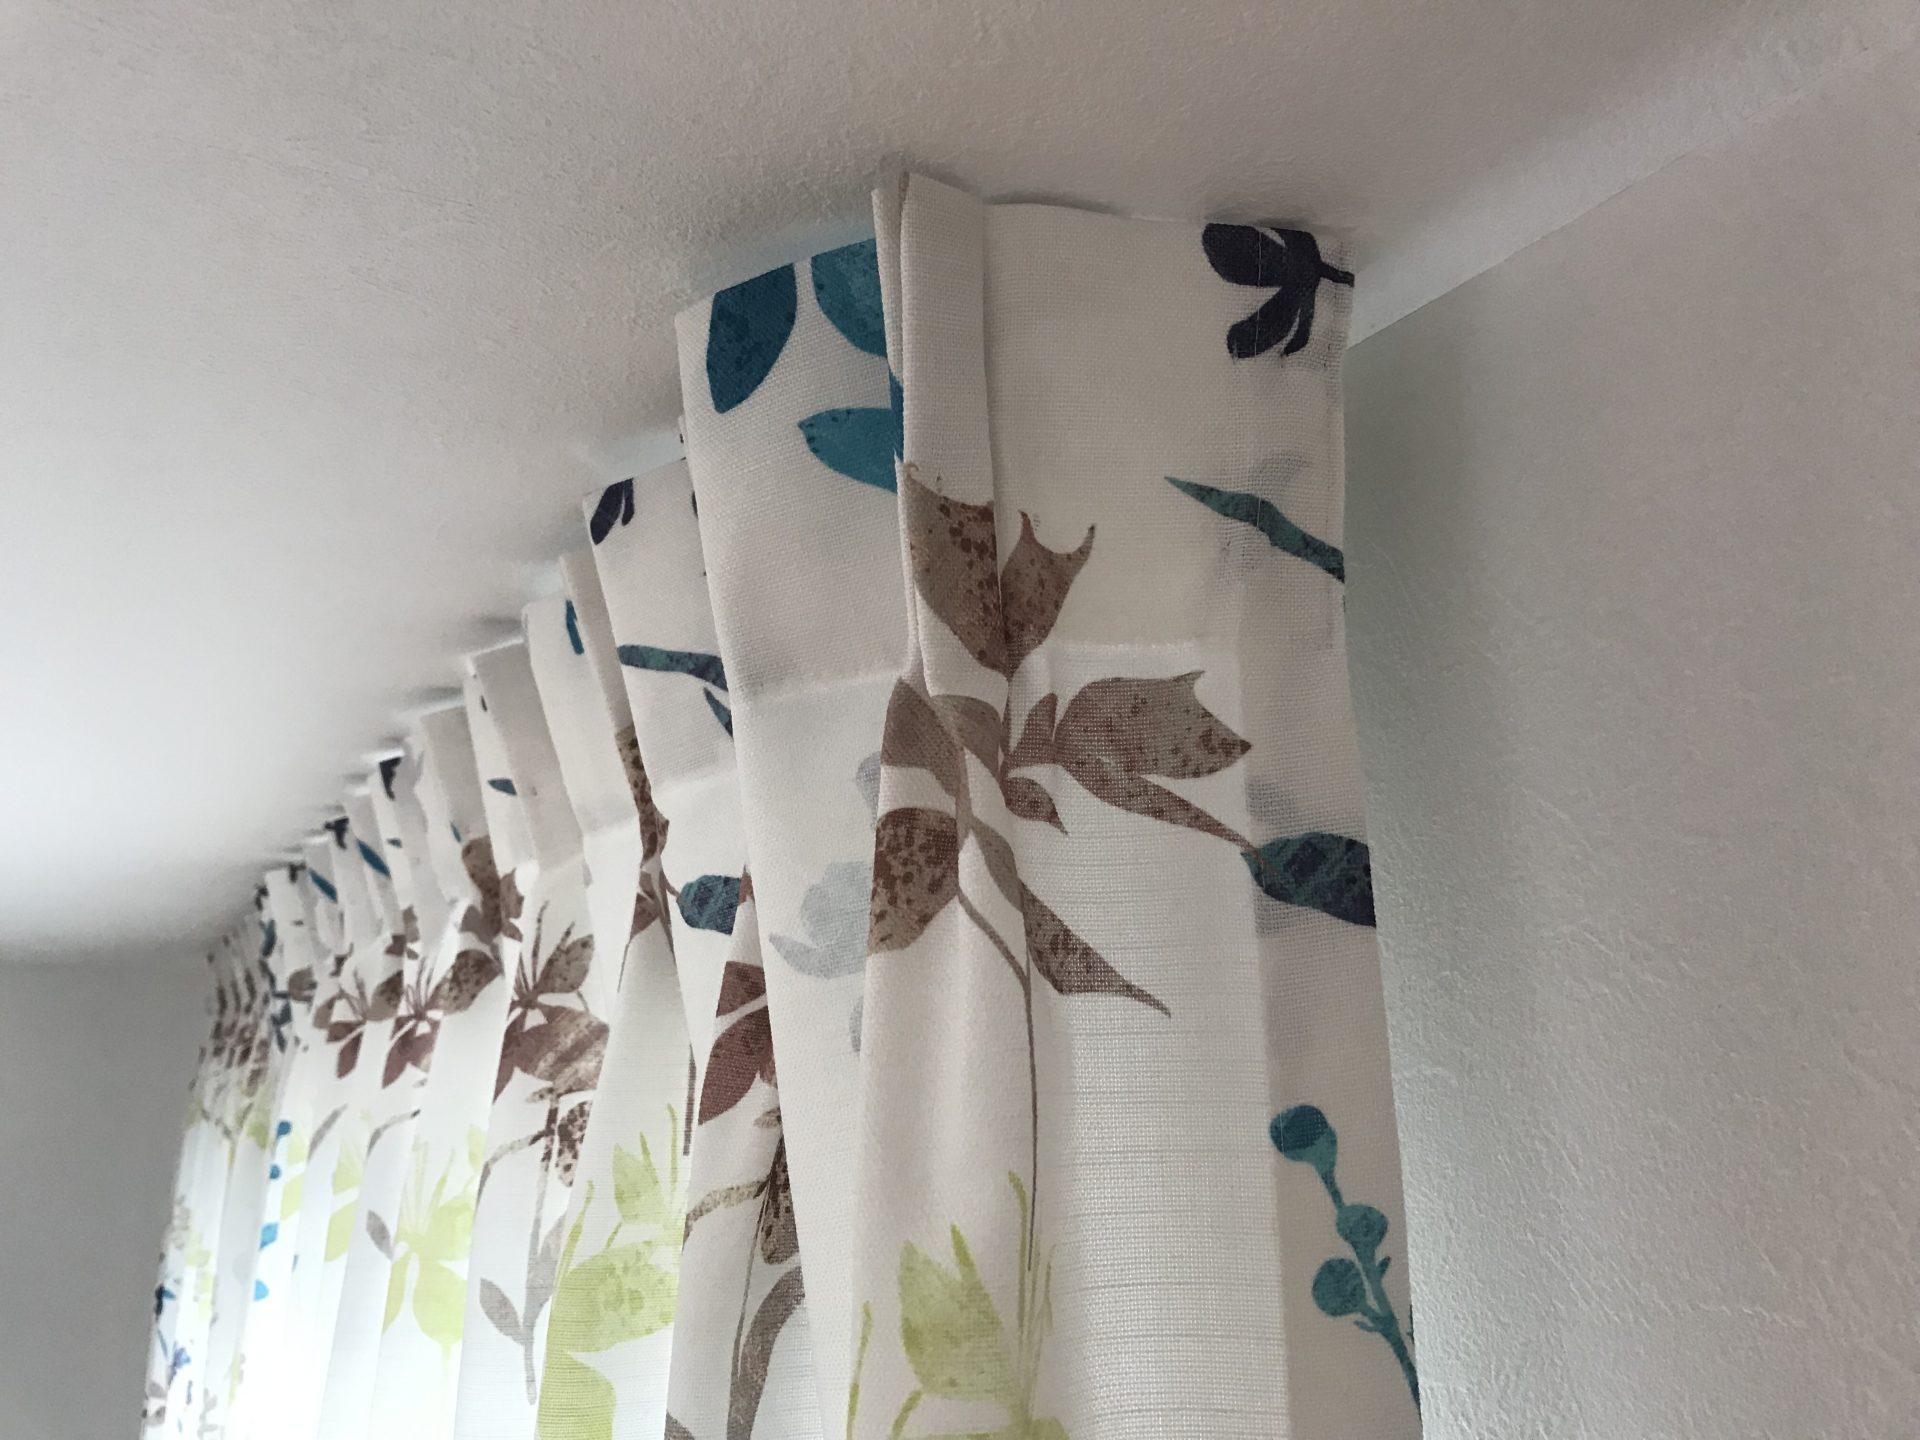 カーテンの縫製仕様、 サイドリターンとタッチングで隙間を無くす。